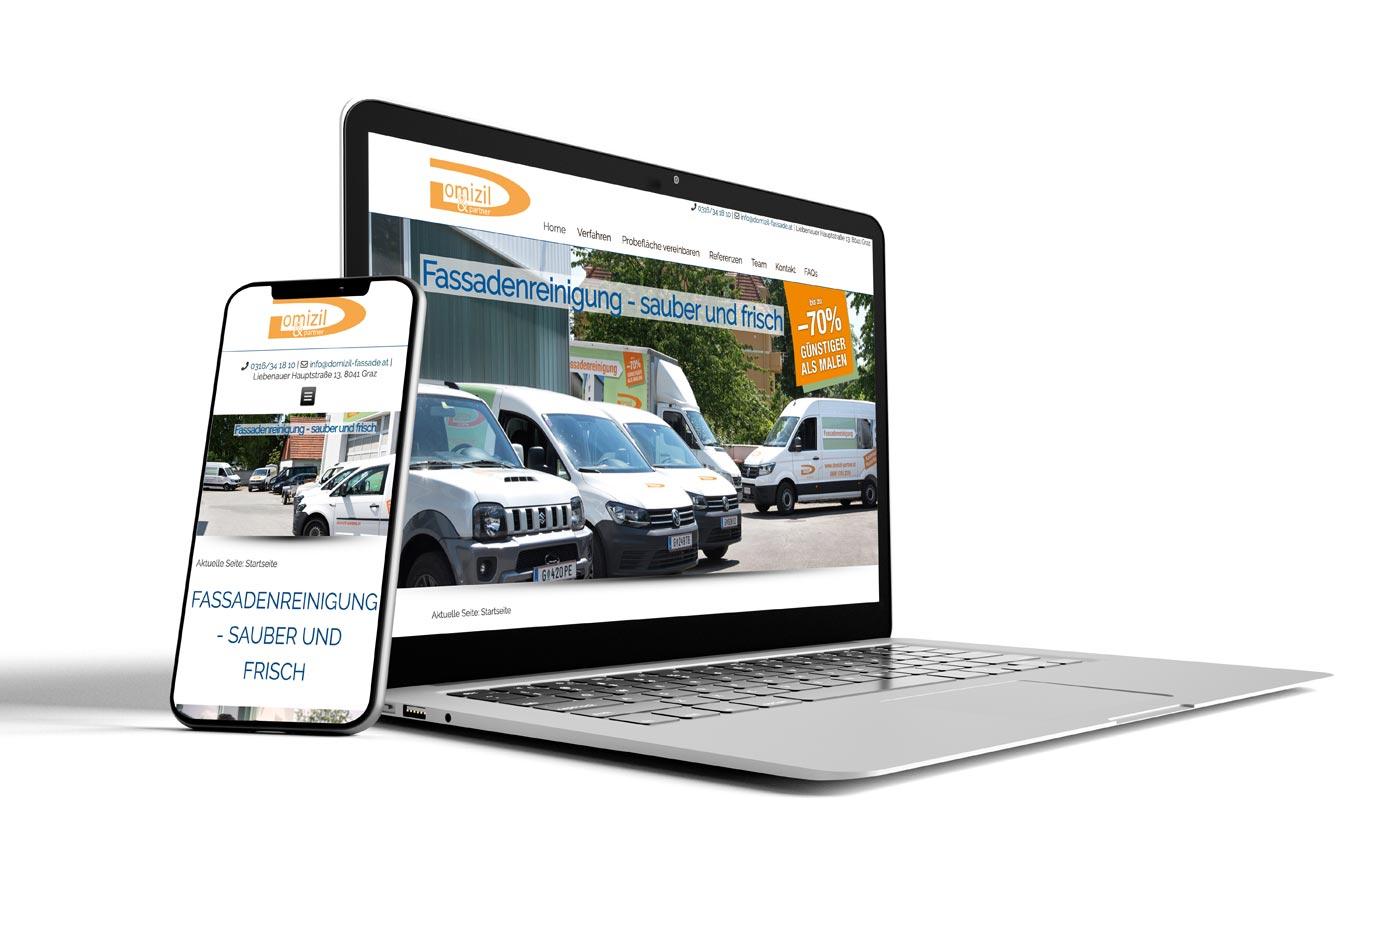 Webdesign von perfect:net, Dieter Biernat, domizil-fassade.at